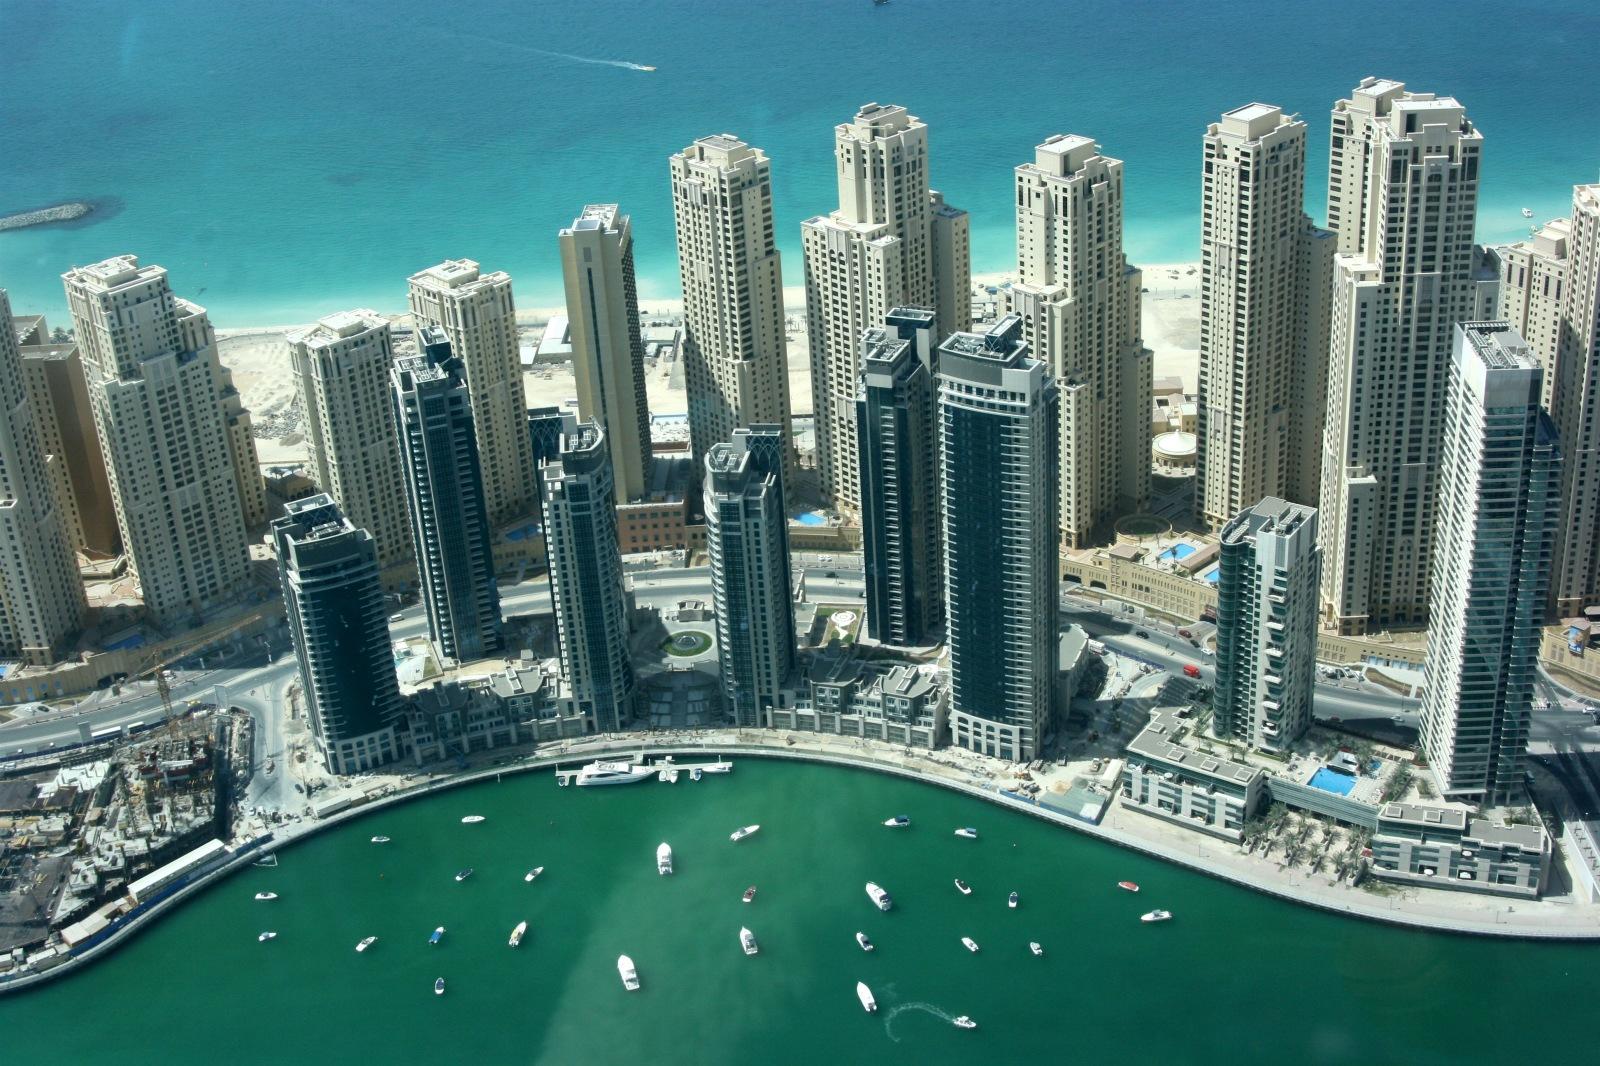 ОАЭ — 5 интересных фактов